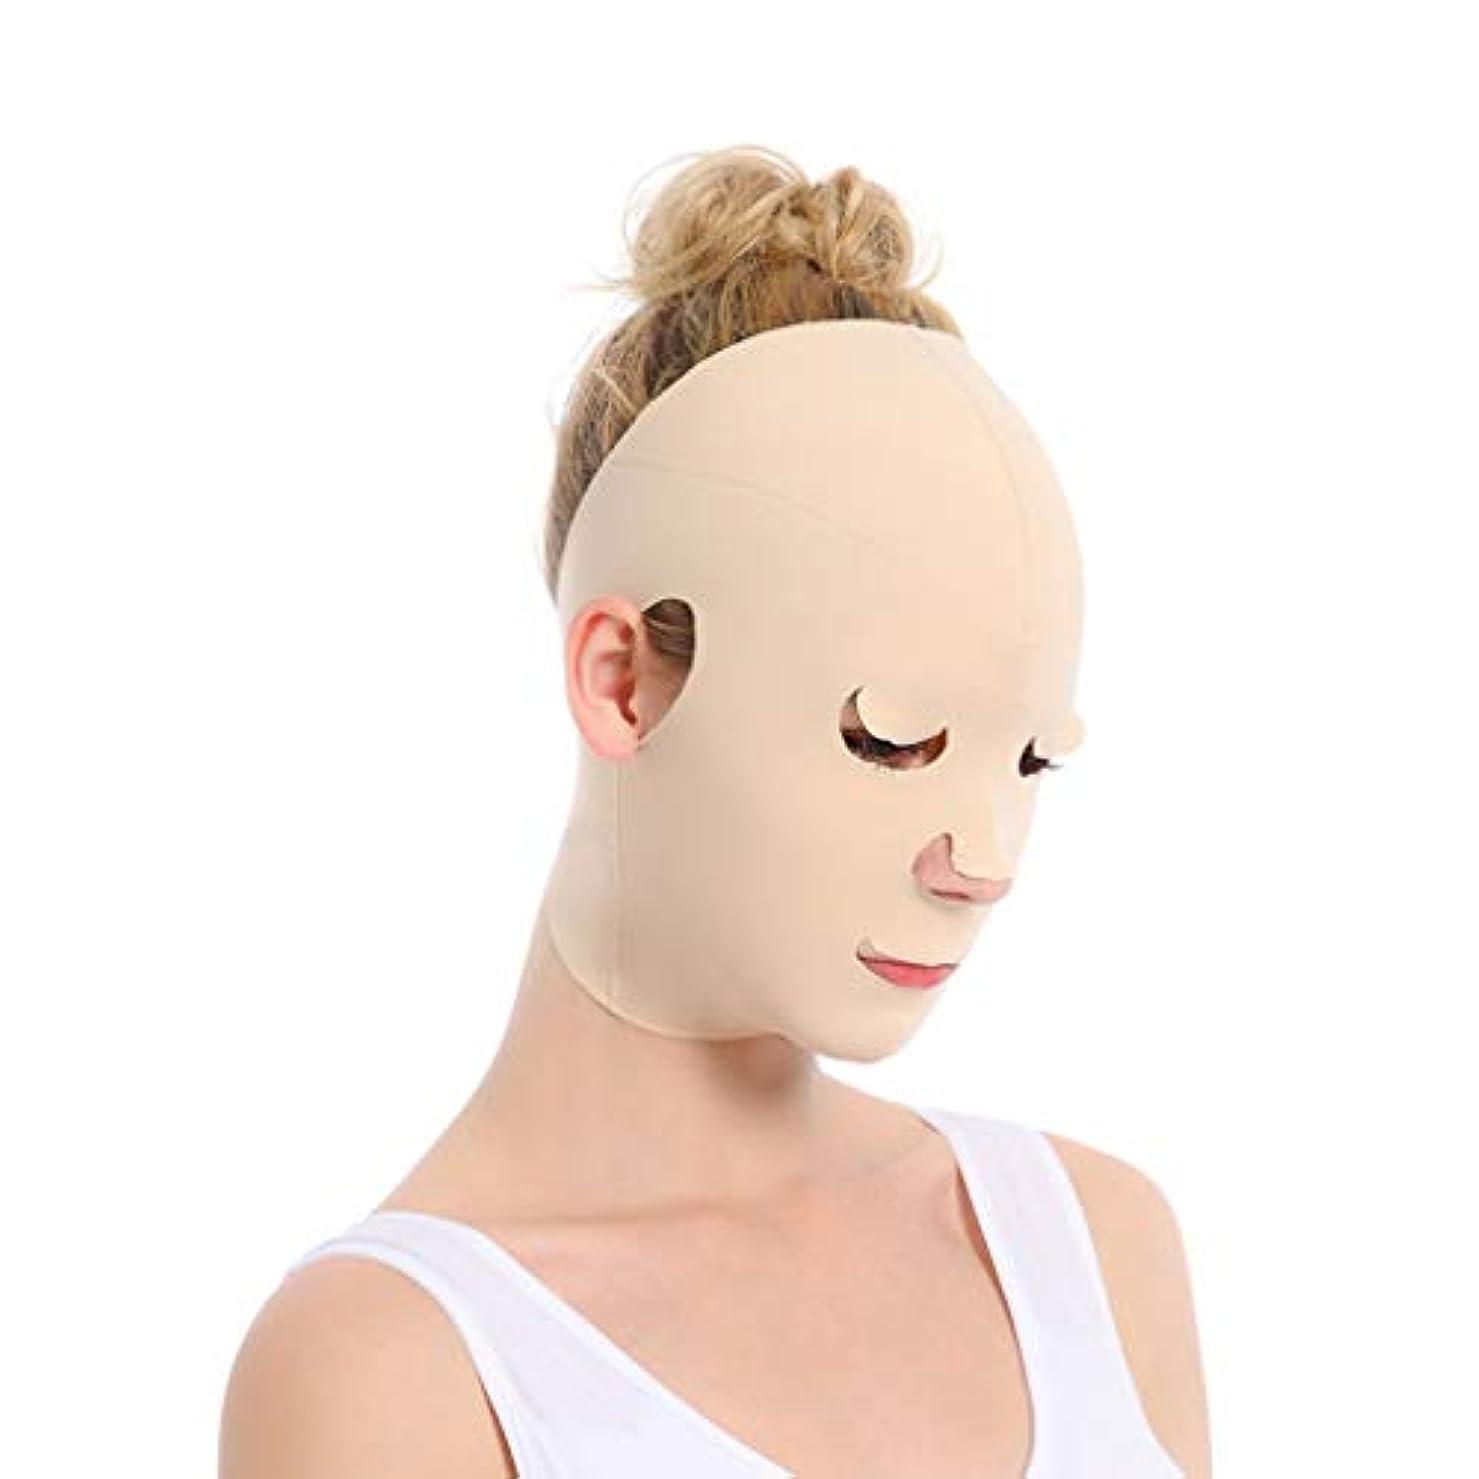 小包同志収縮XHLMRMJ フェイスファーミングマスク、フェイスリフト、しわ防止フェイシャル減量ベルト、二重あご減量包帯